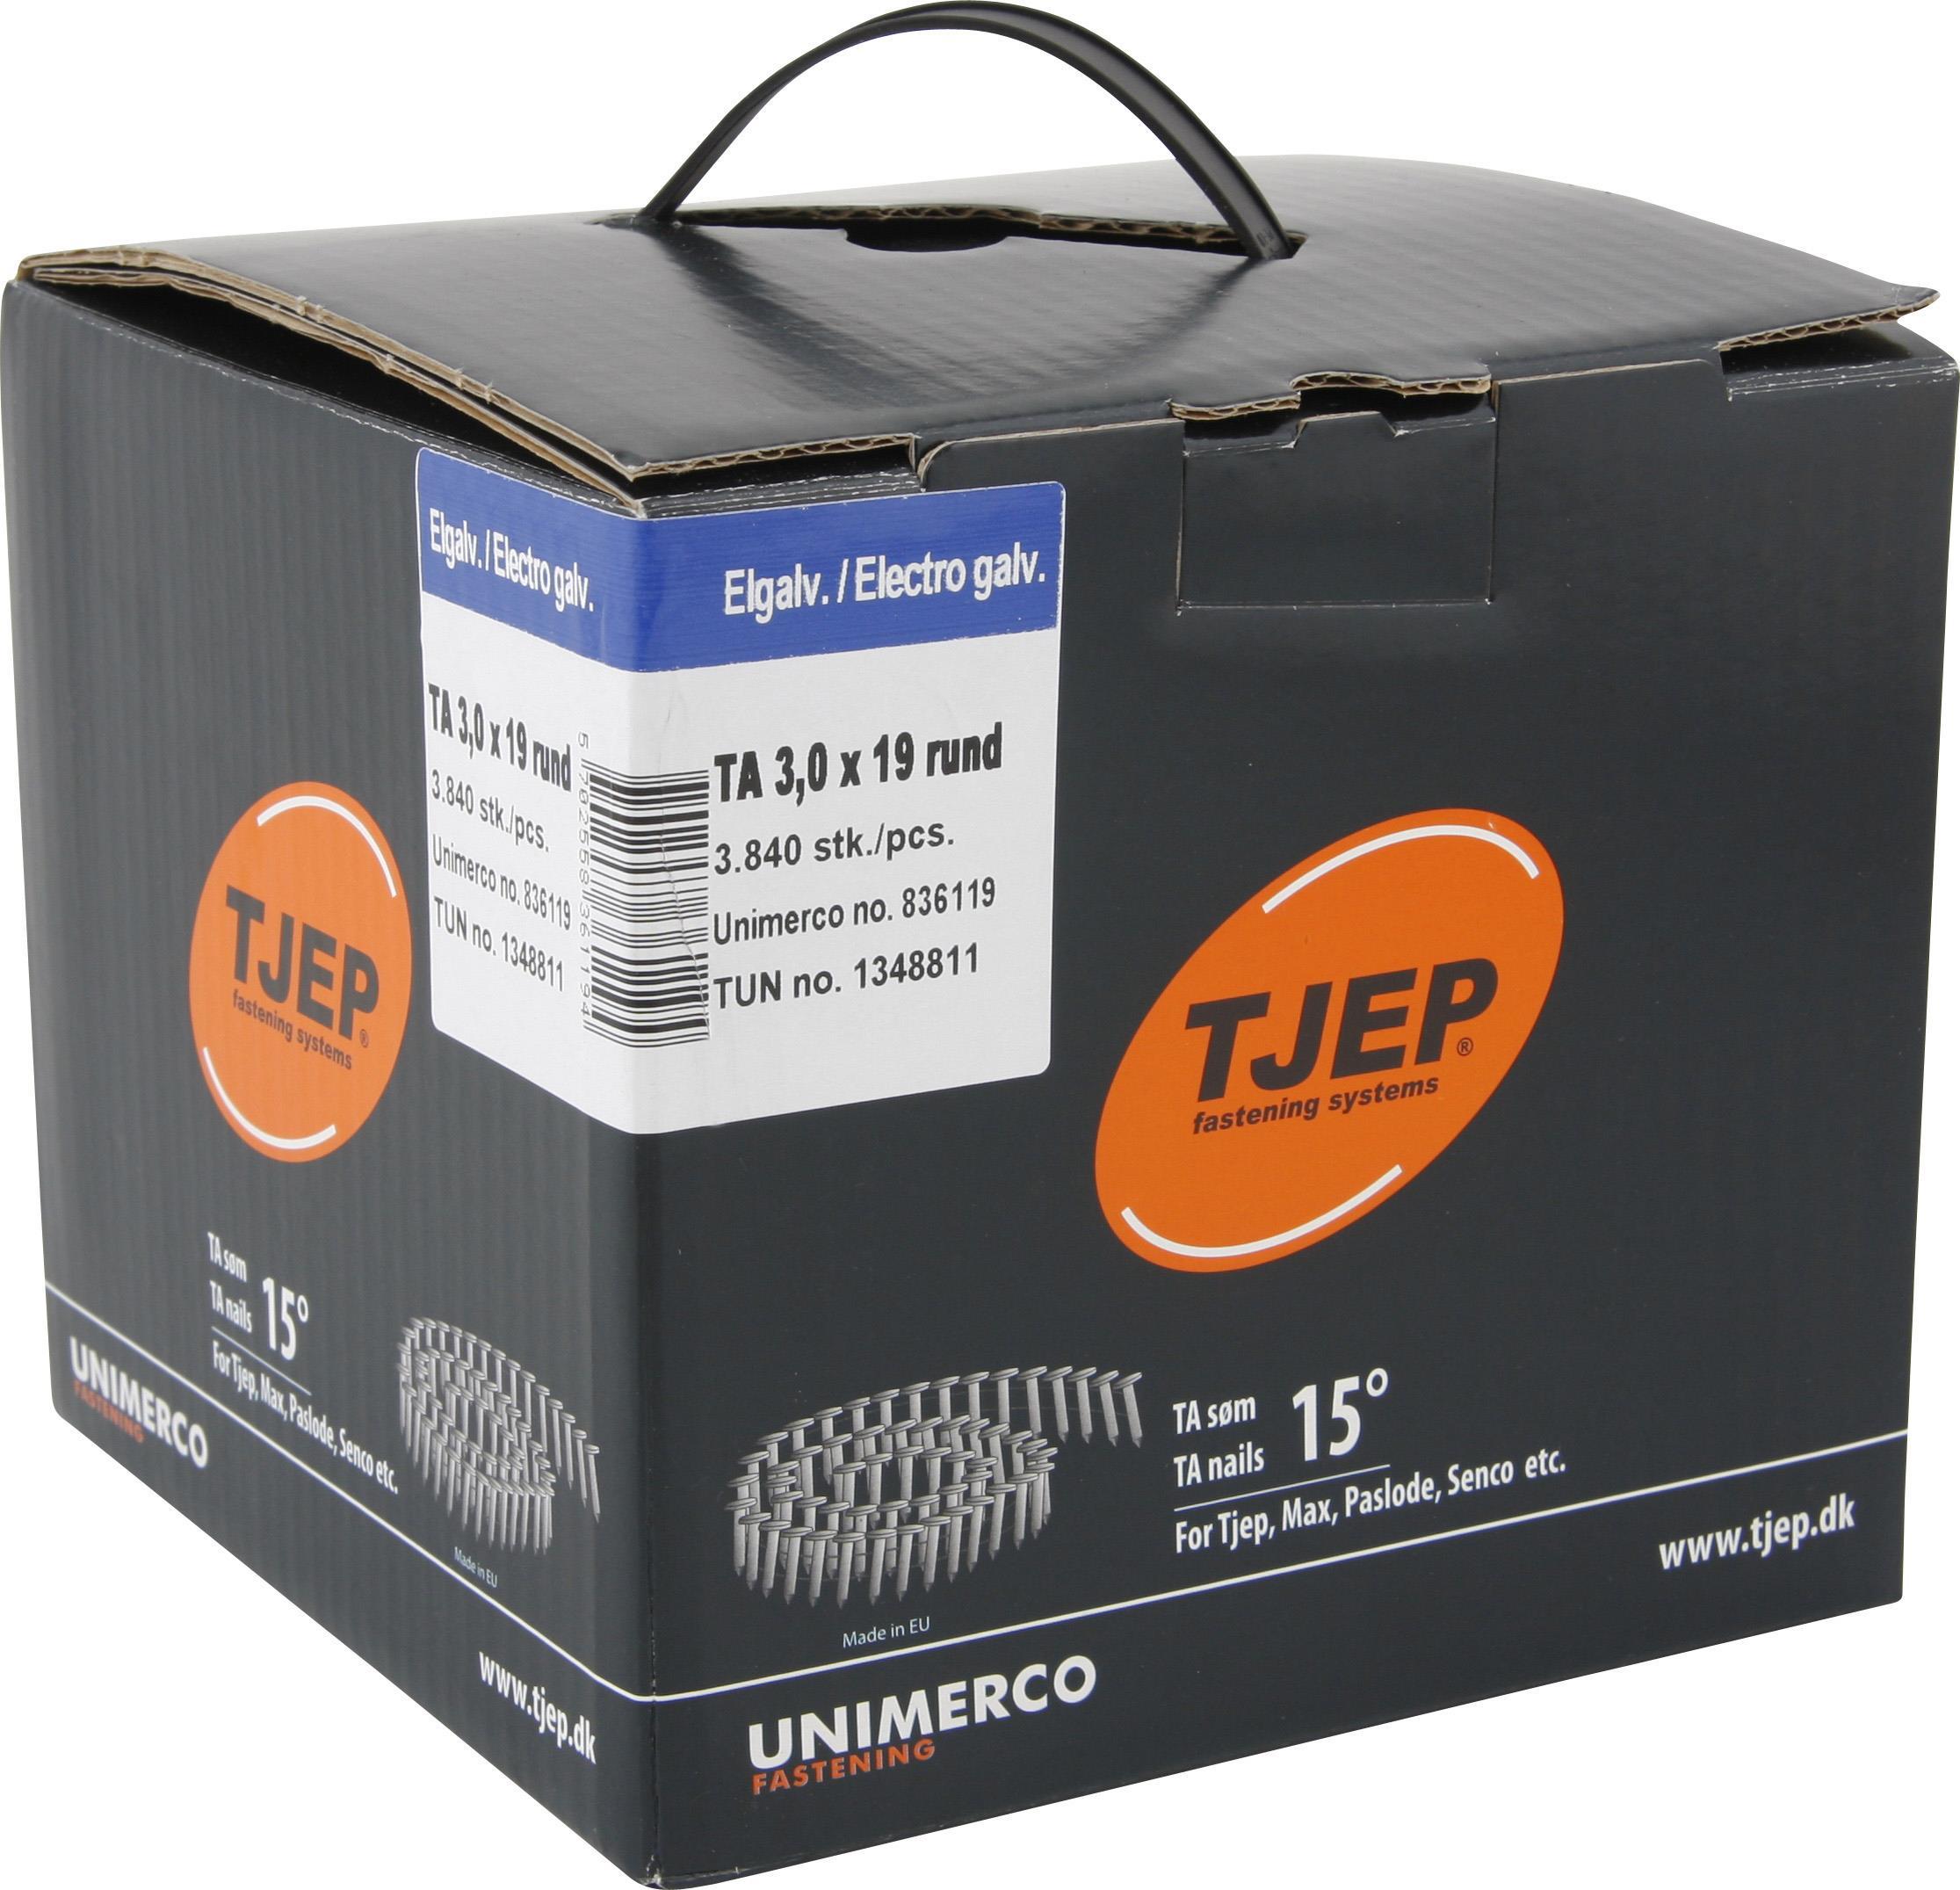 TJEP 836019 Pappspik rullbandad TA 3 x 19 mm FZV 3840-pack